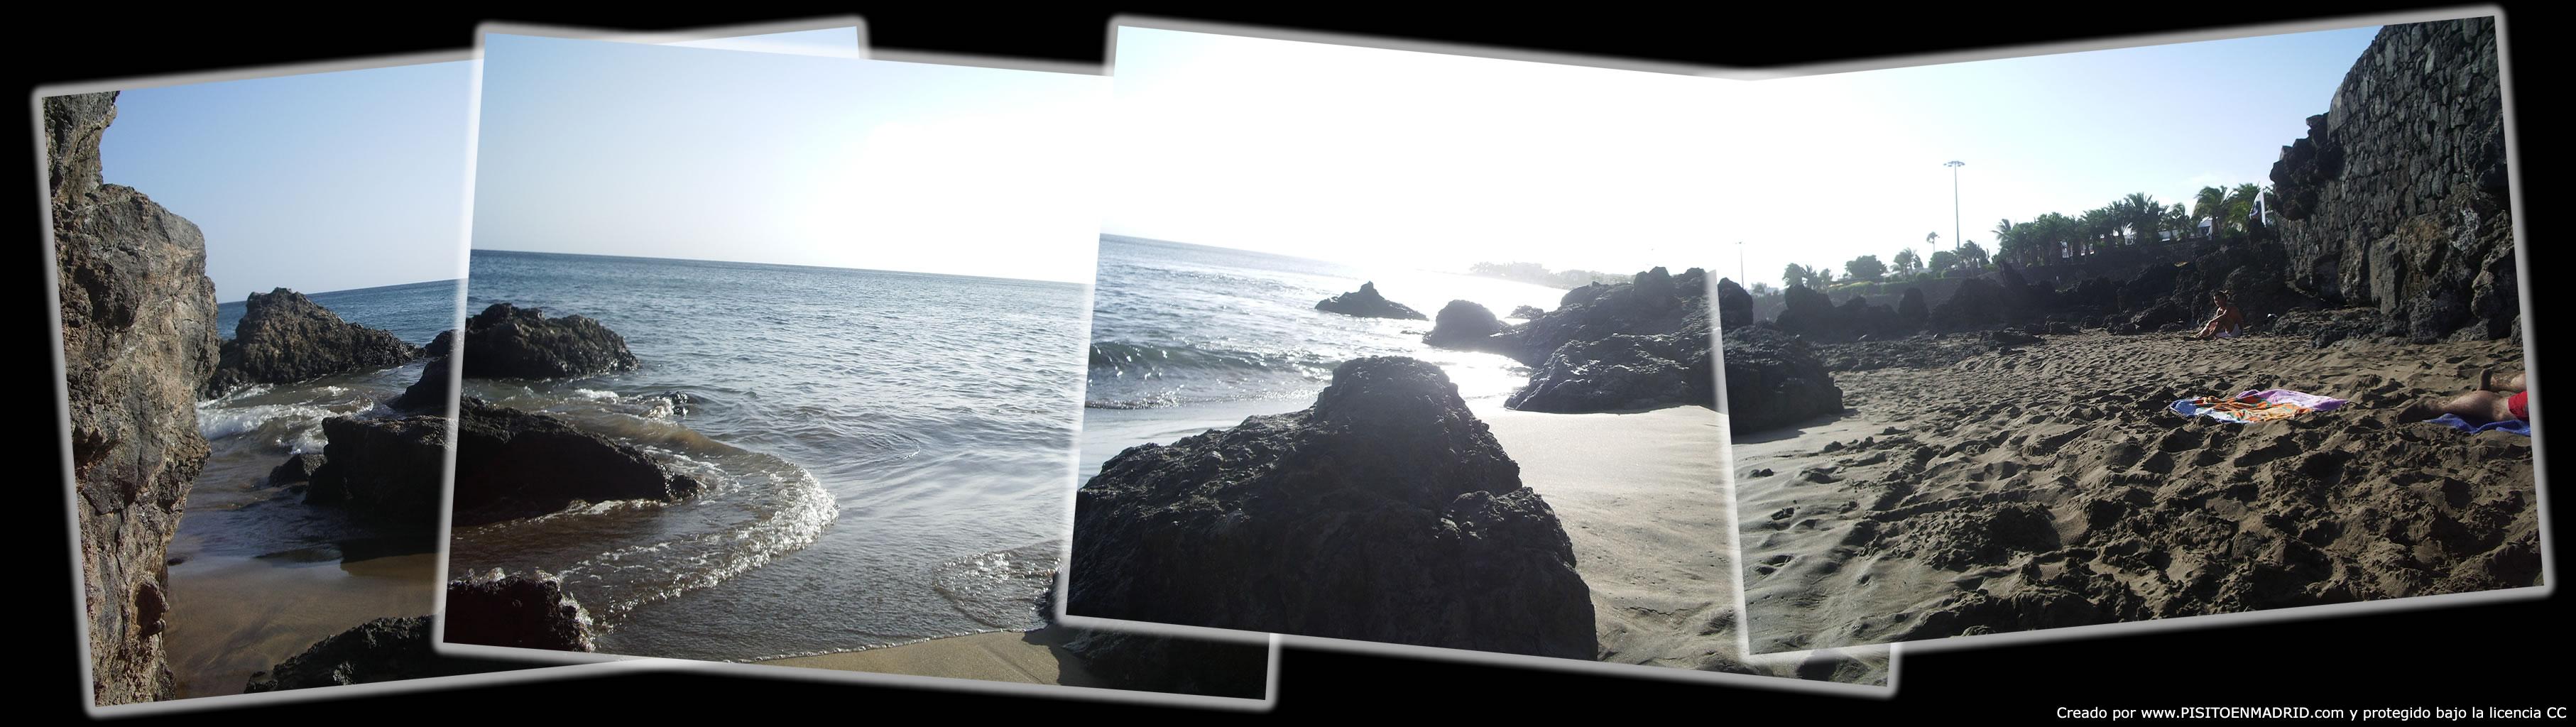 puertodelcarmeng.jpg